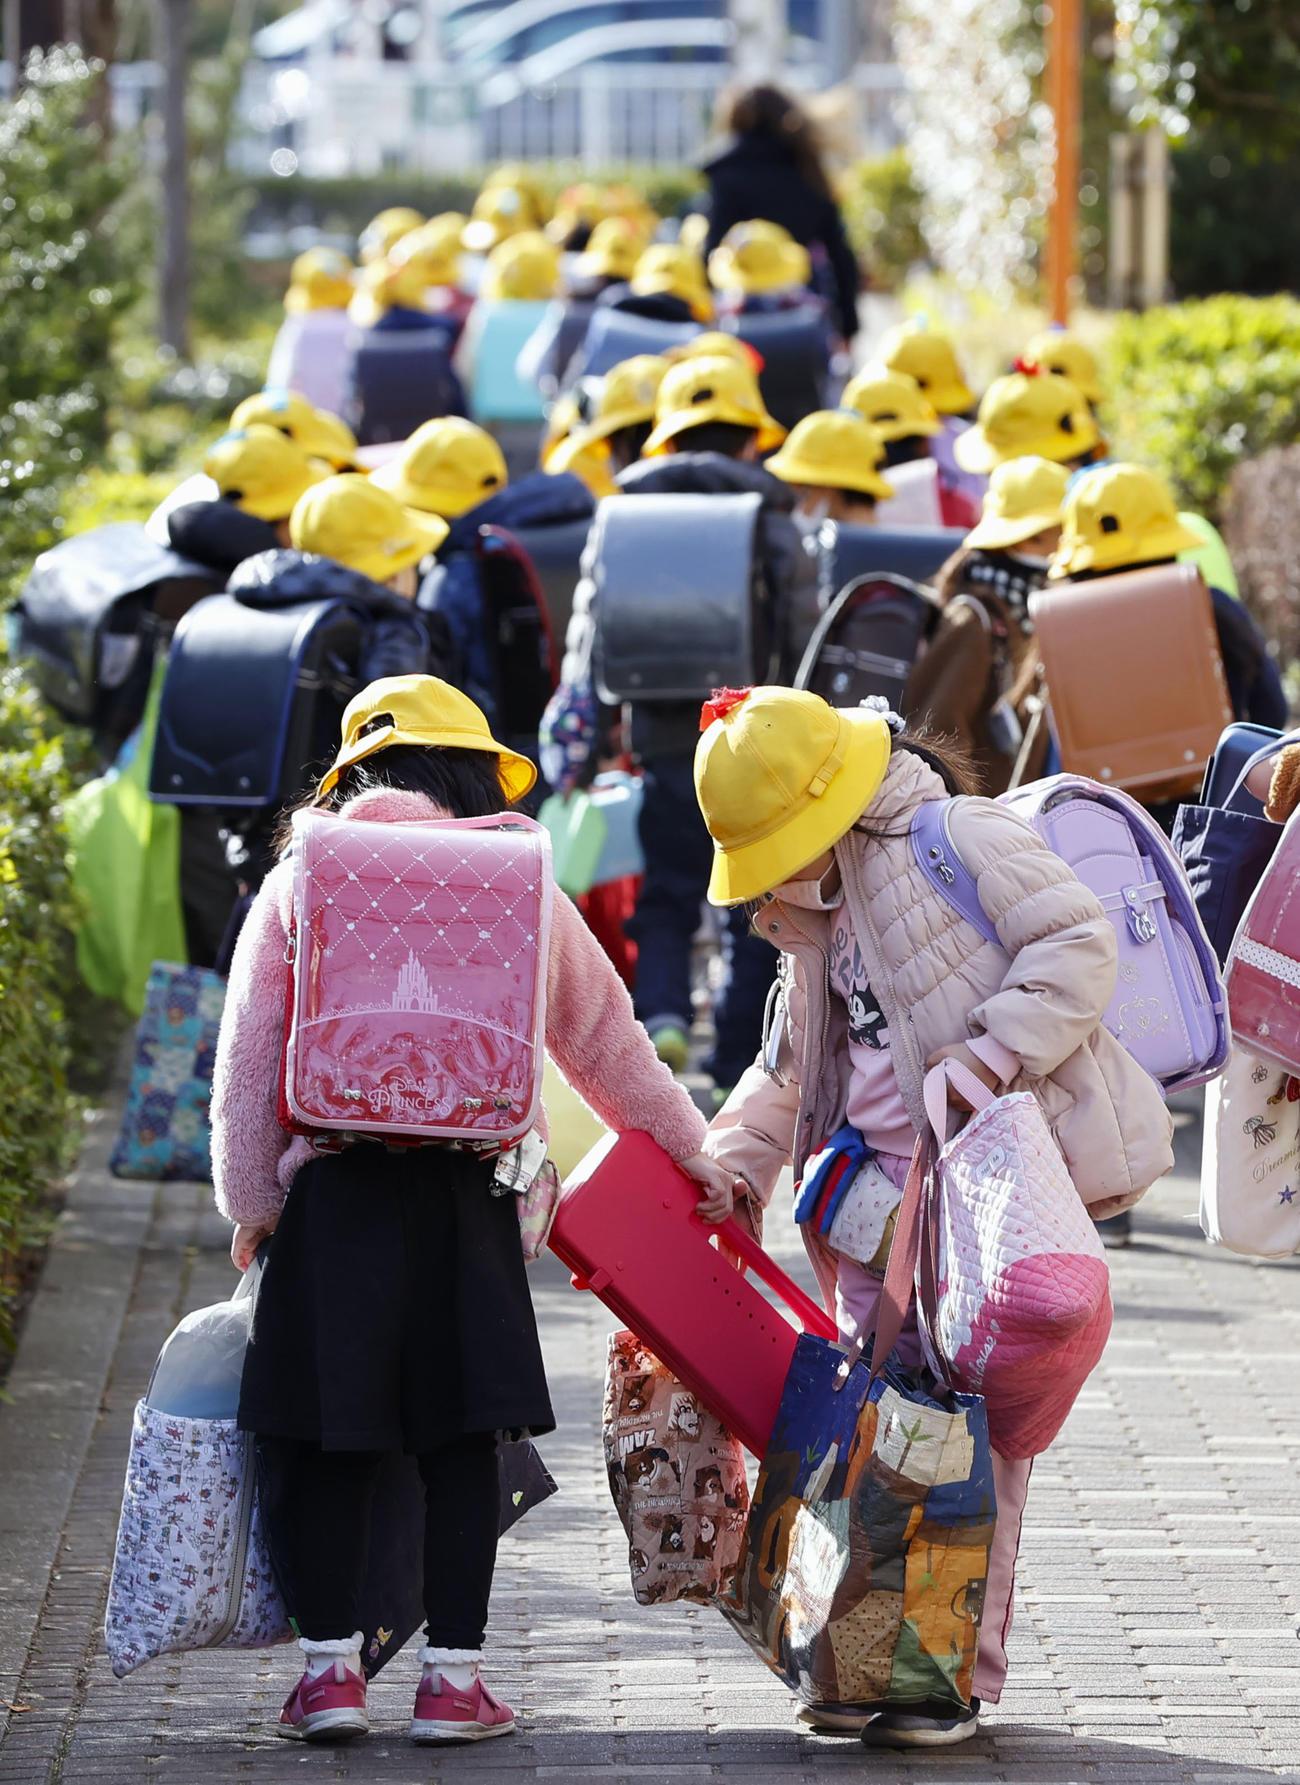 新型コロナウイルスの感染拡大による政府の一斉休校要請で、急きょ学年最後の日となり、たくさんの荷物を手に下校する児童(共同)